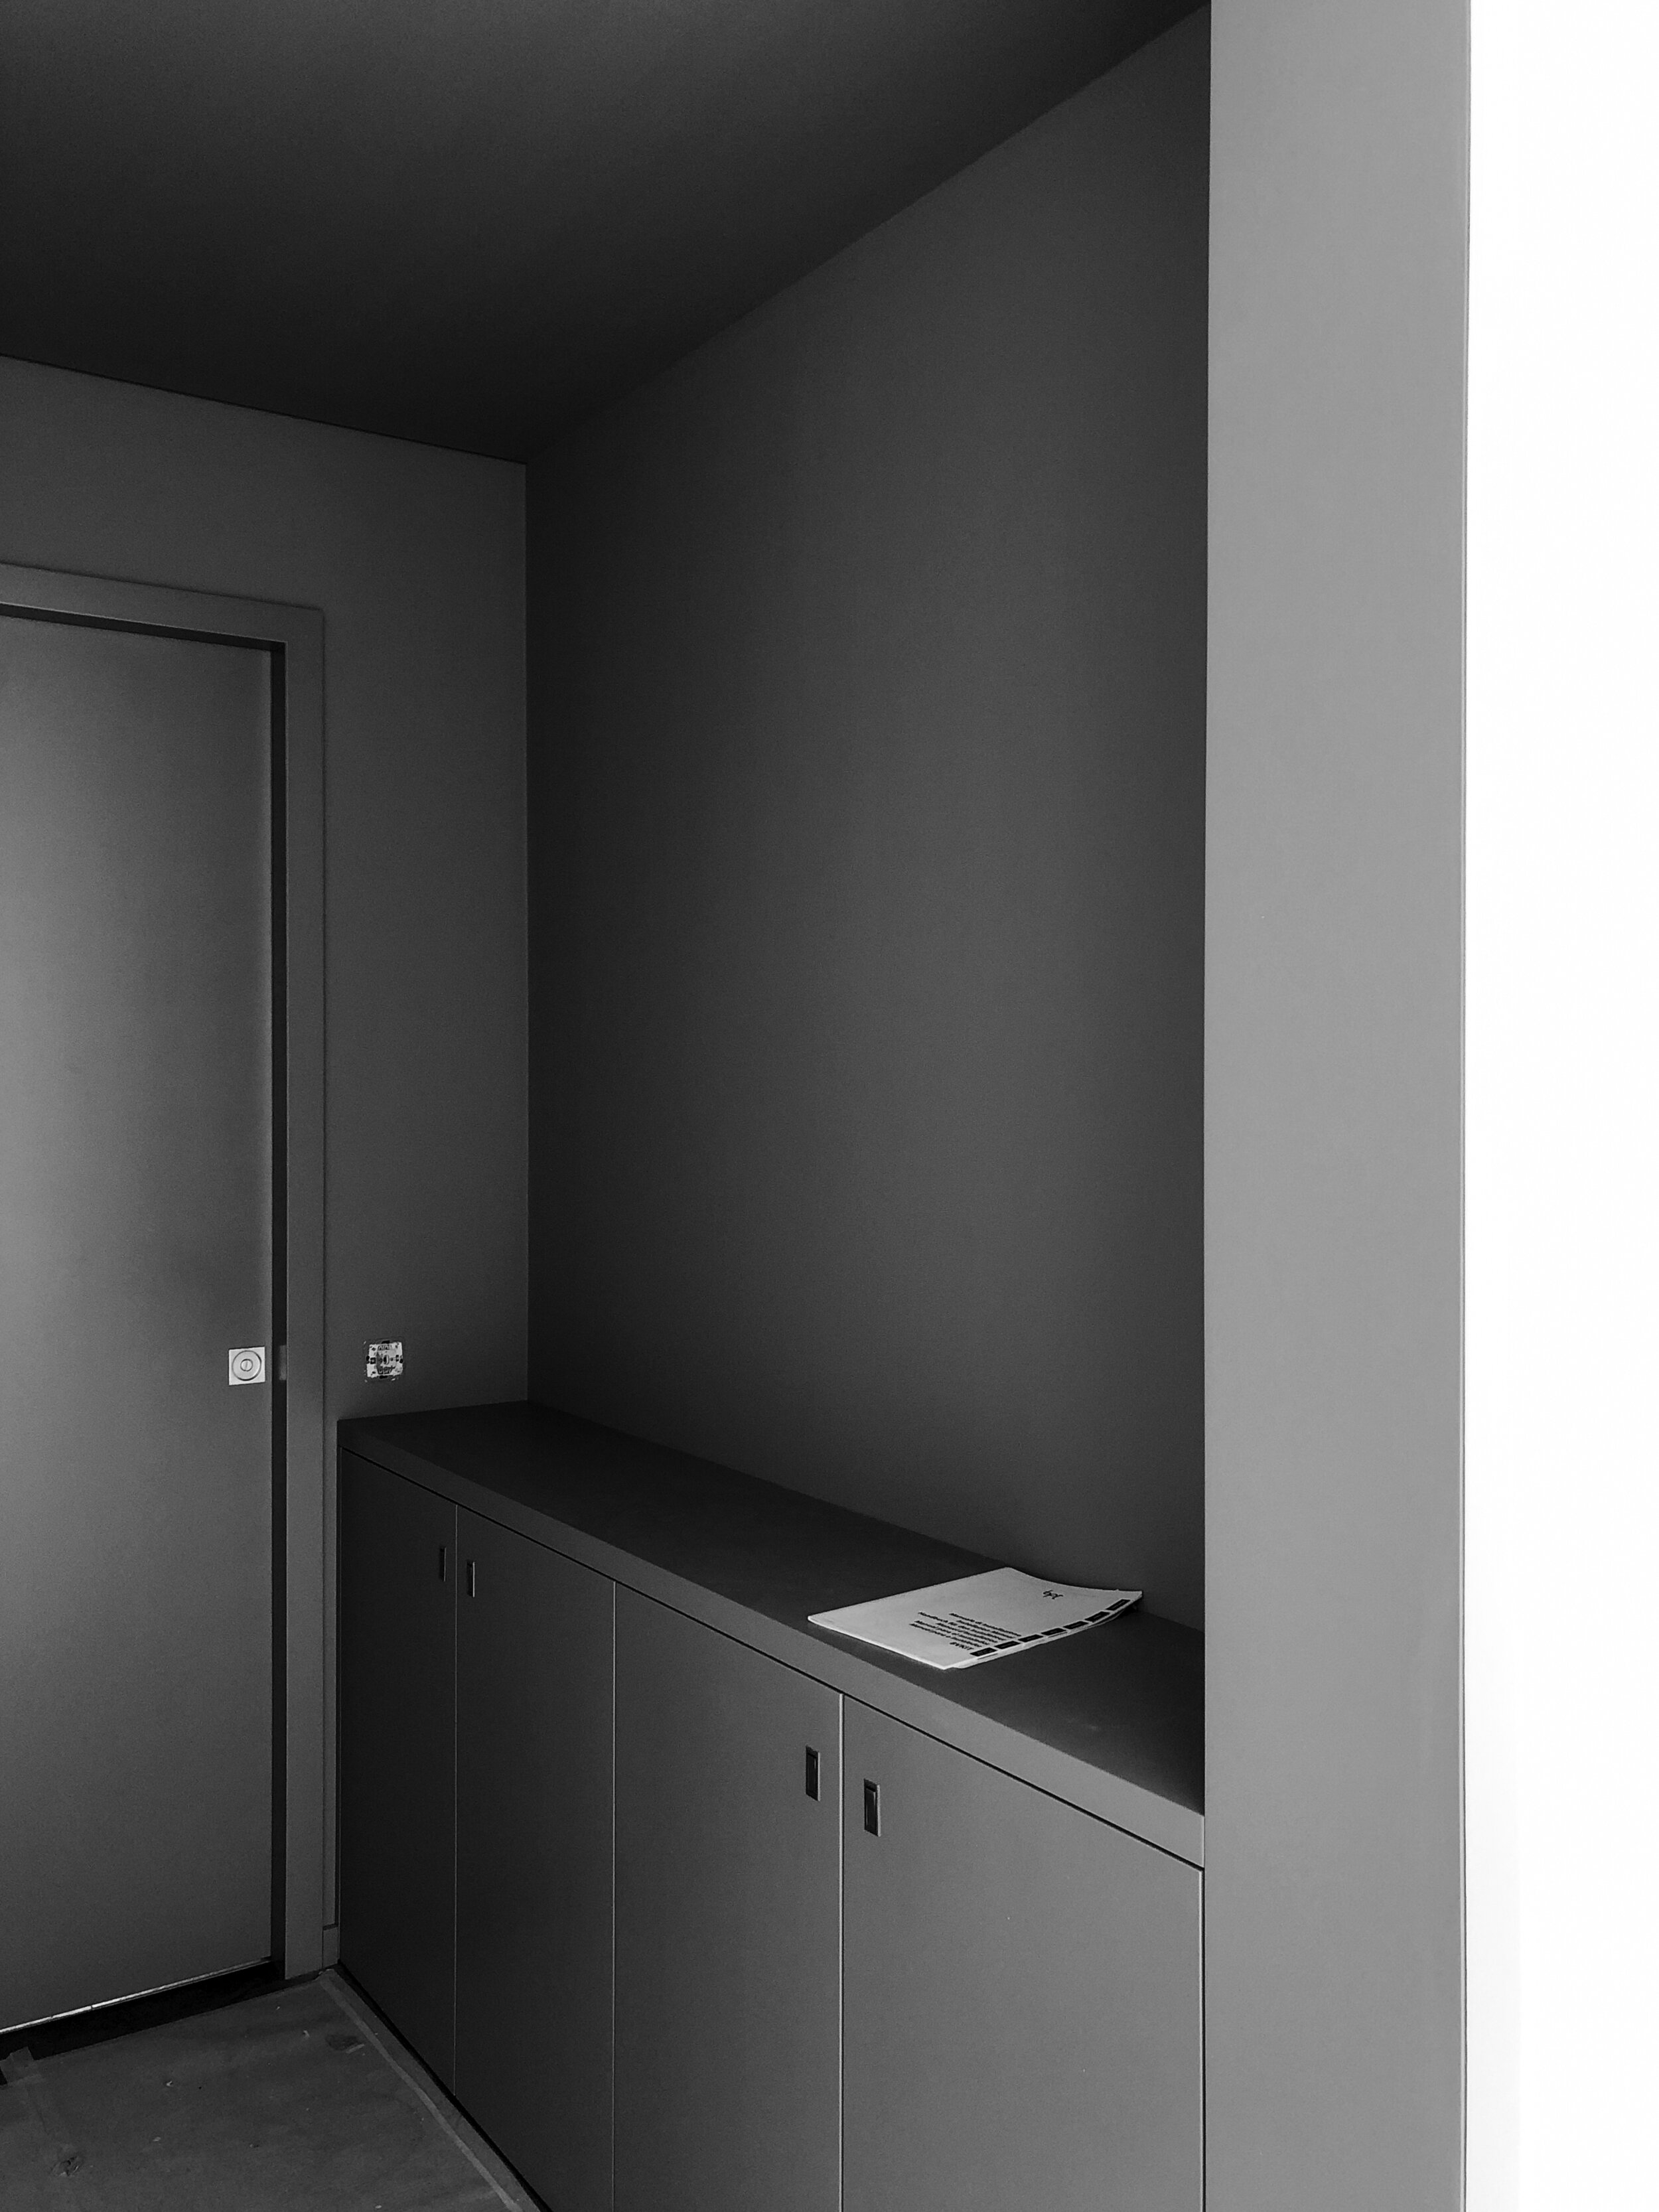 Moradia Alfazema - EVA evolutionary architecture - arquitetura - habitação (11).jpg